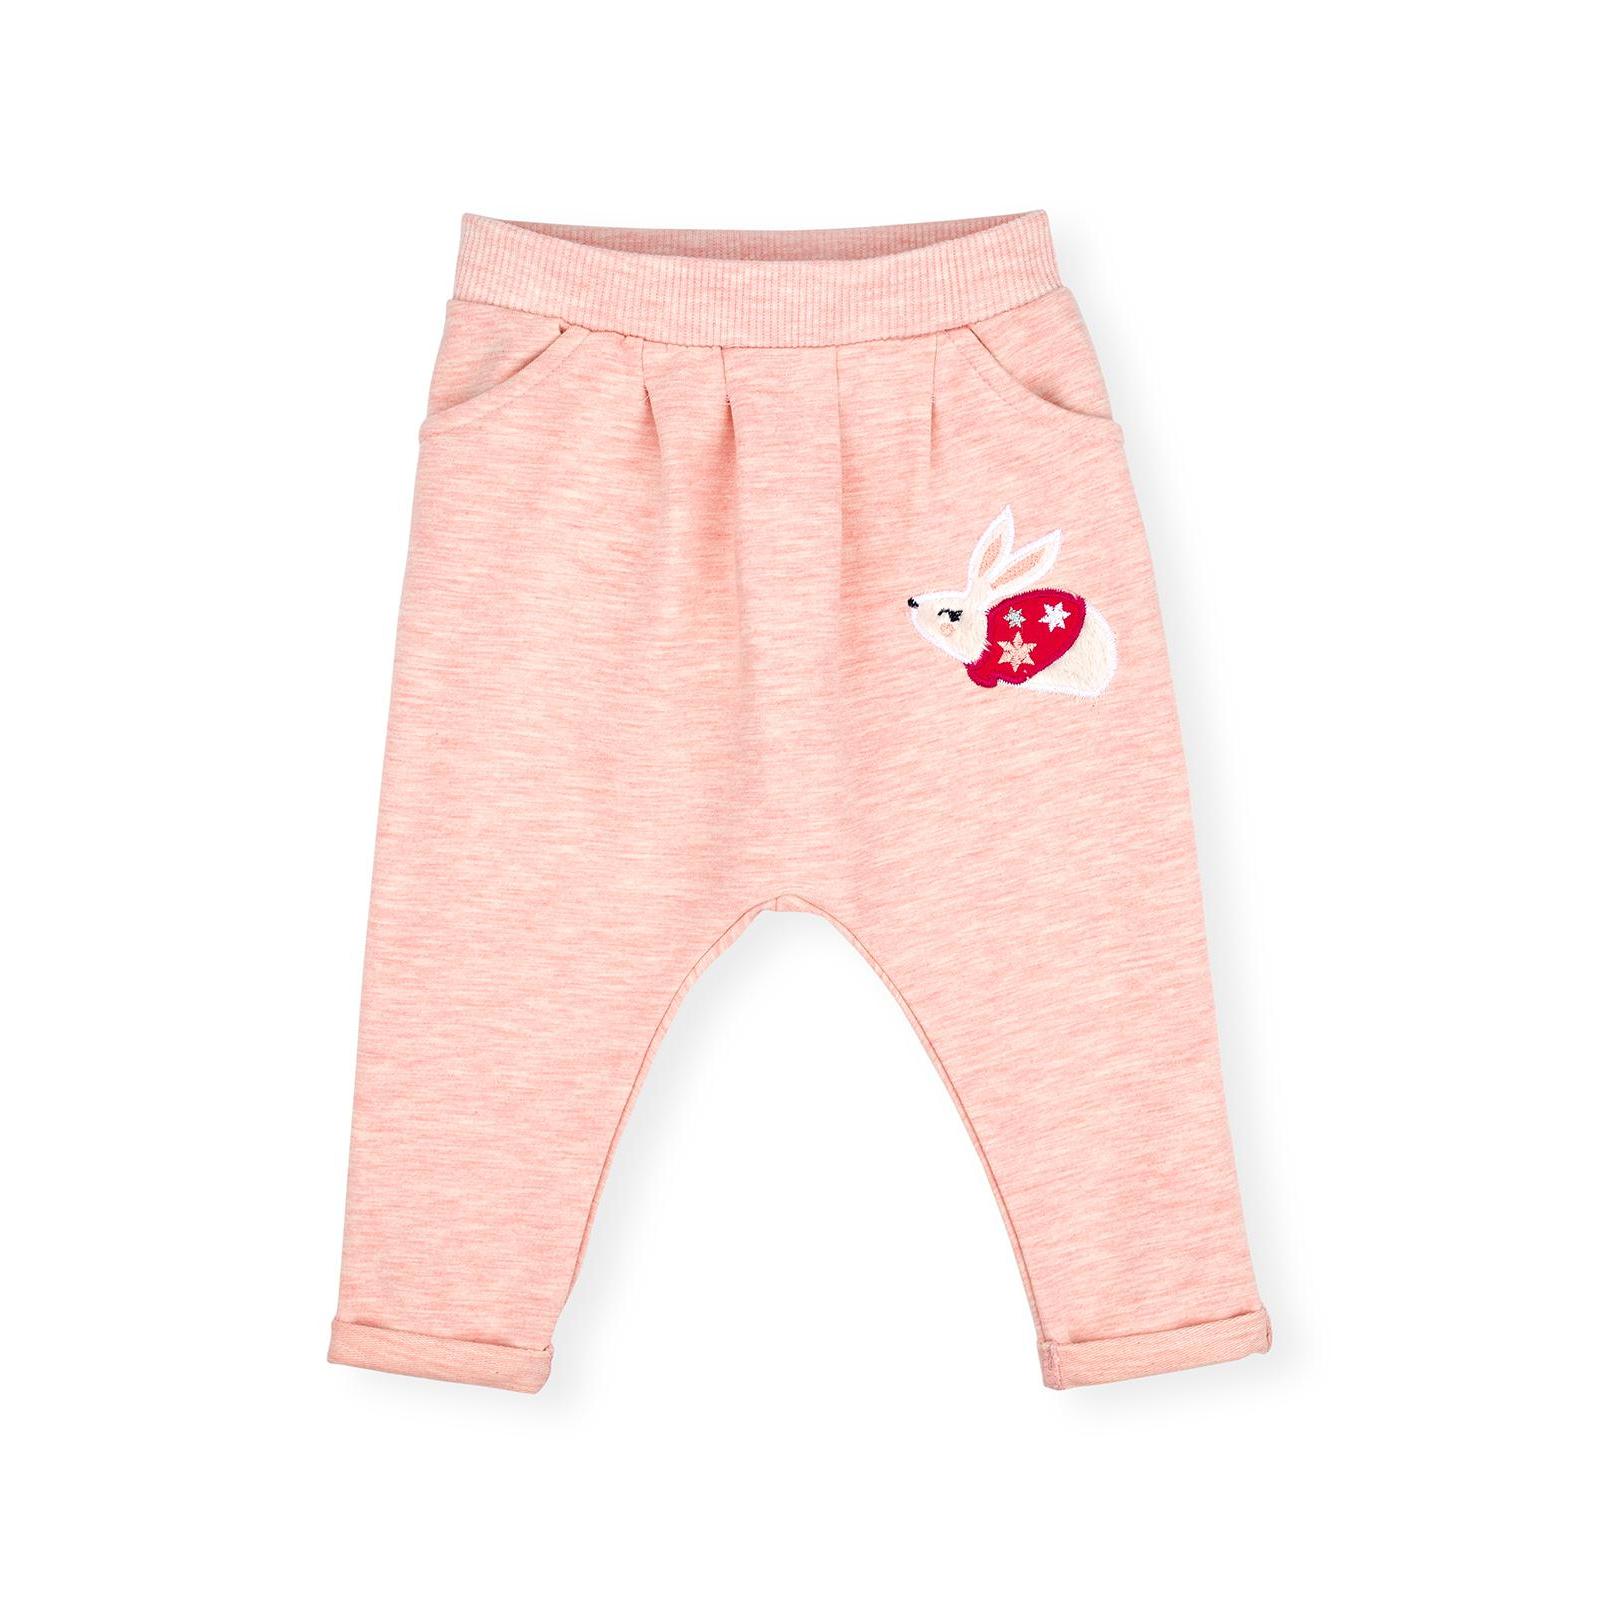 Набор детской одежды Breeze с зайчиками (10214-92G-peach) изображение 3